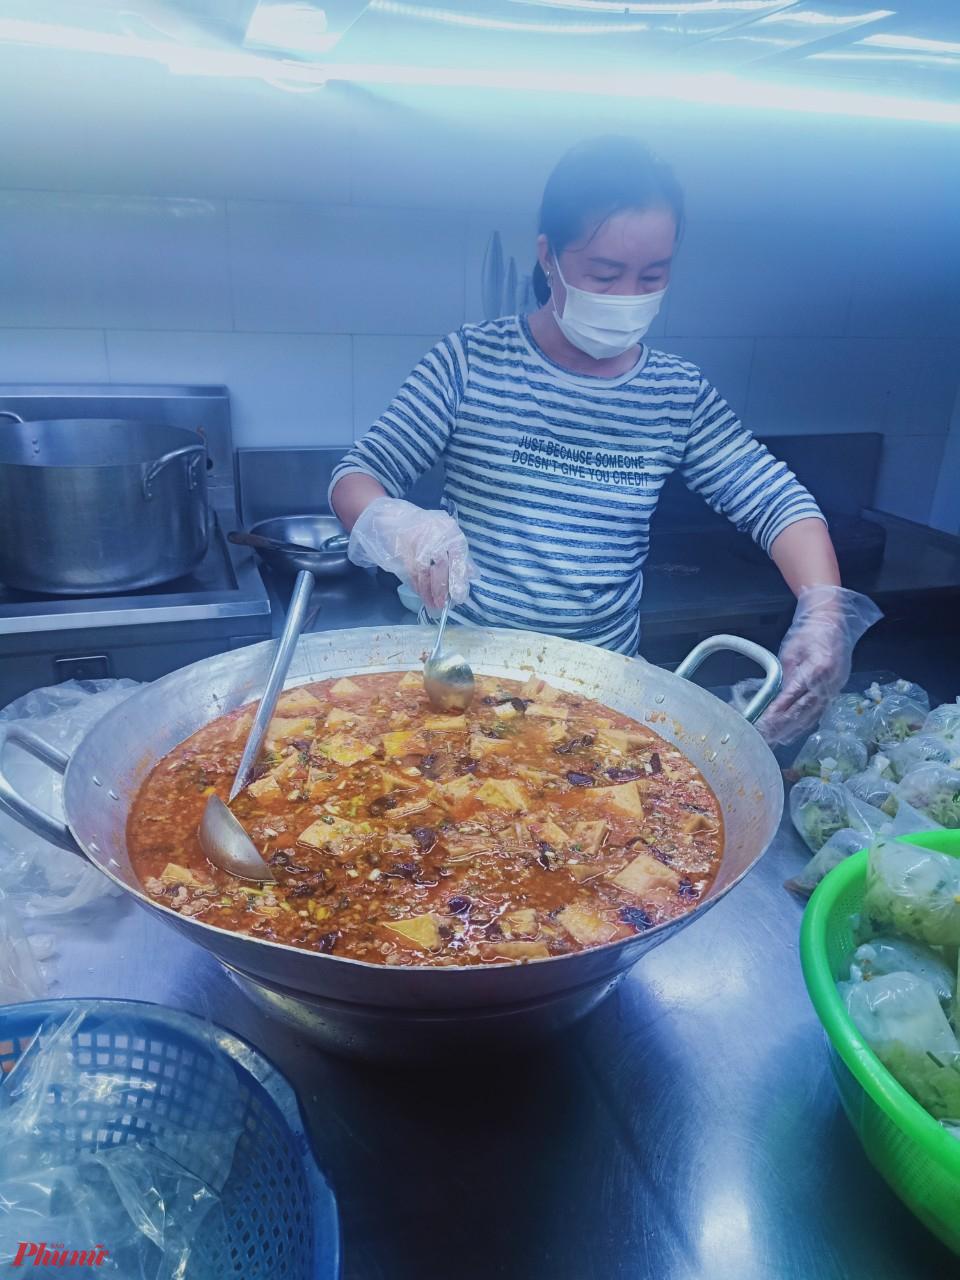 Hội viên phụ nữ đảm nhận nấu cơm cho người dân ở khu vực đang cách ly do ảnh hưởng dịch bệnh COVID - 19